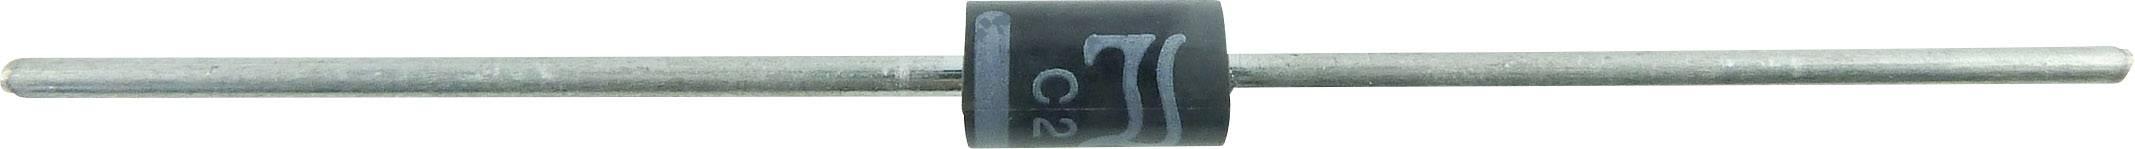 Kremíková usmerňovacia dióda Diotec 1N5400 1N5400 3 A, 50 V